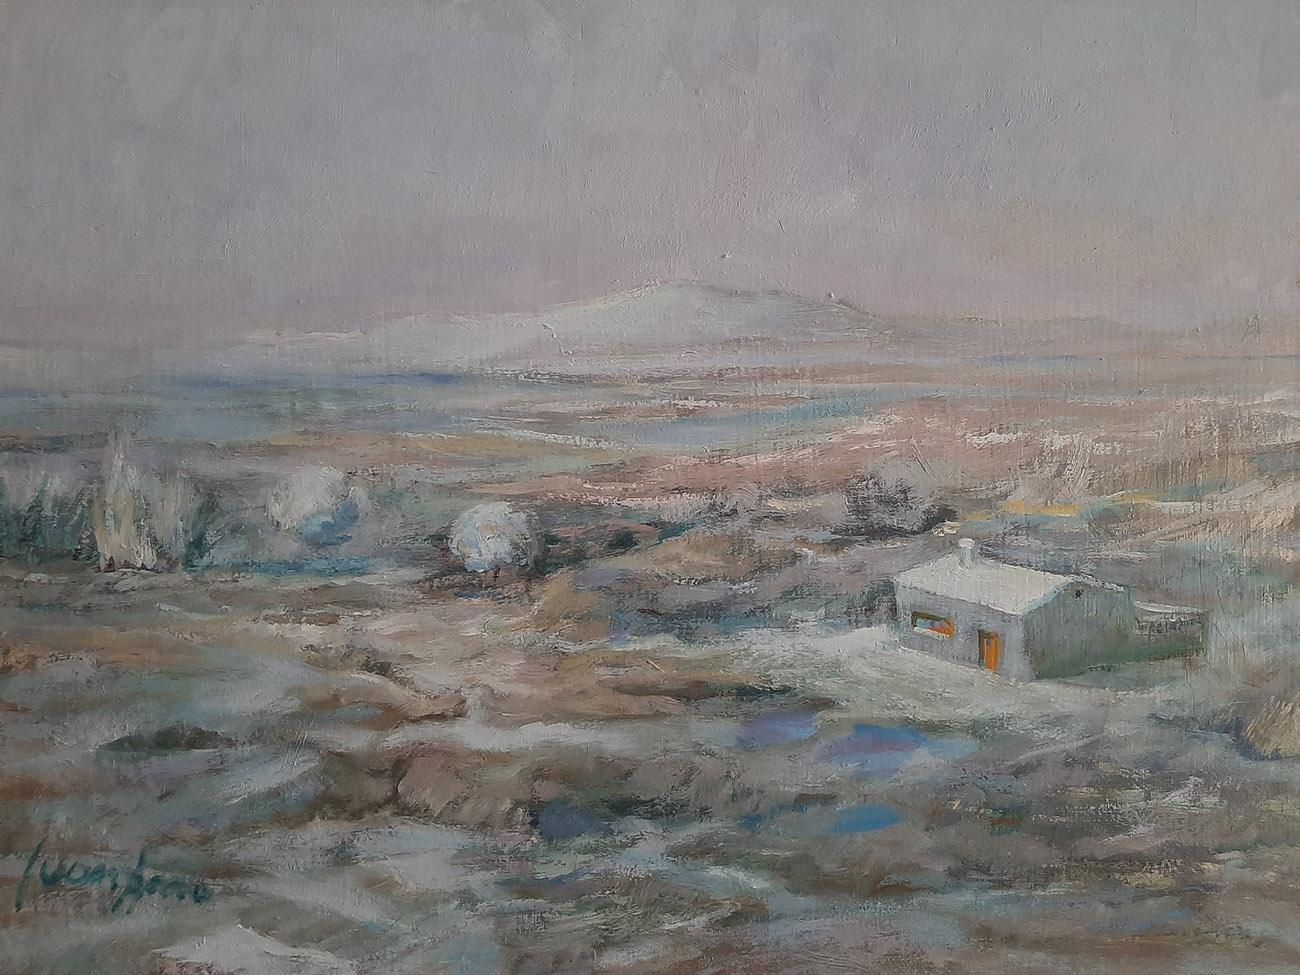 Juan Amo. (1988). Frío Invierno en La Mancha. Óleo - Lienzo. 32 x 46. Colección Privada.